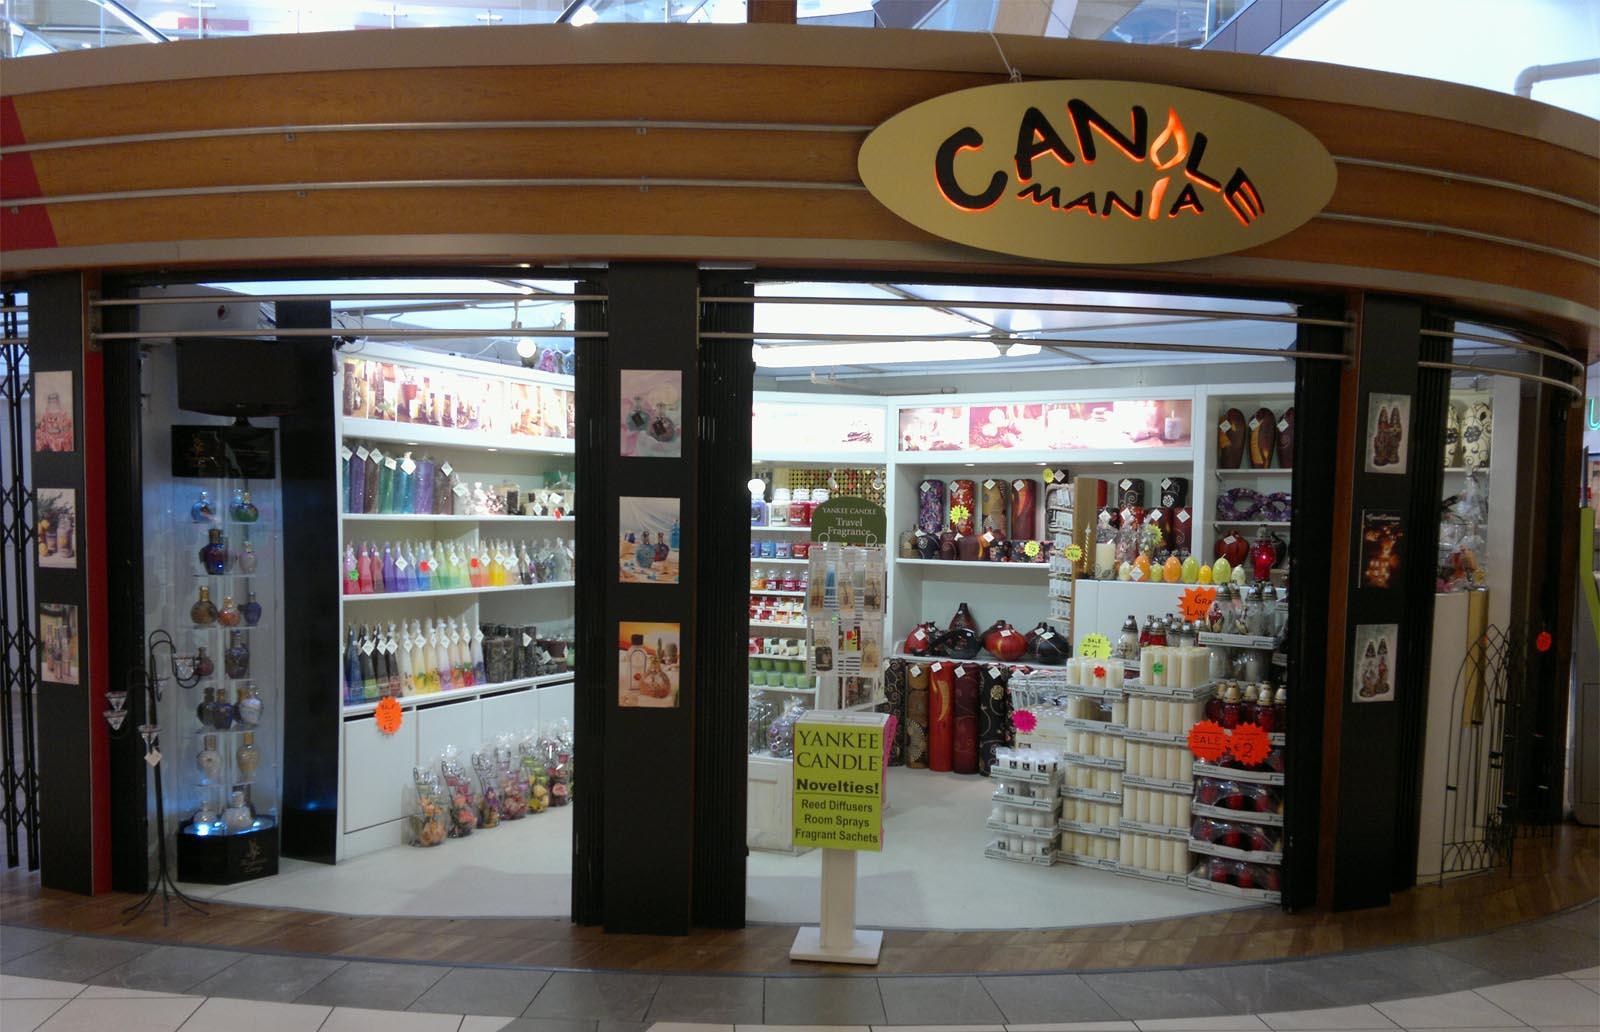 Candlemania Kiosk in Merchants Quay Shopping Centre 2012